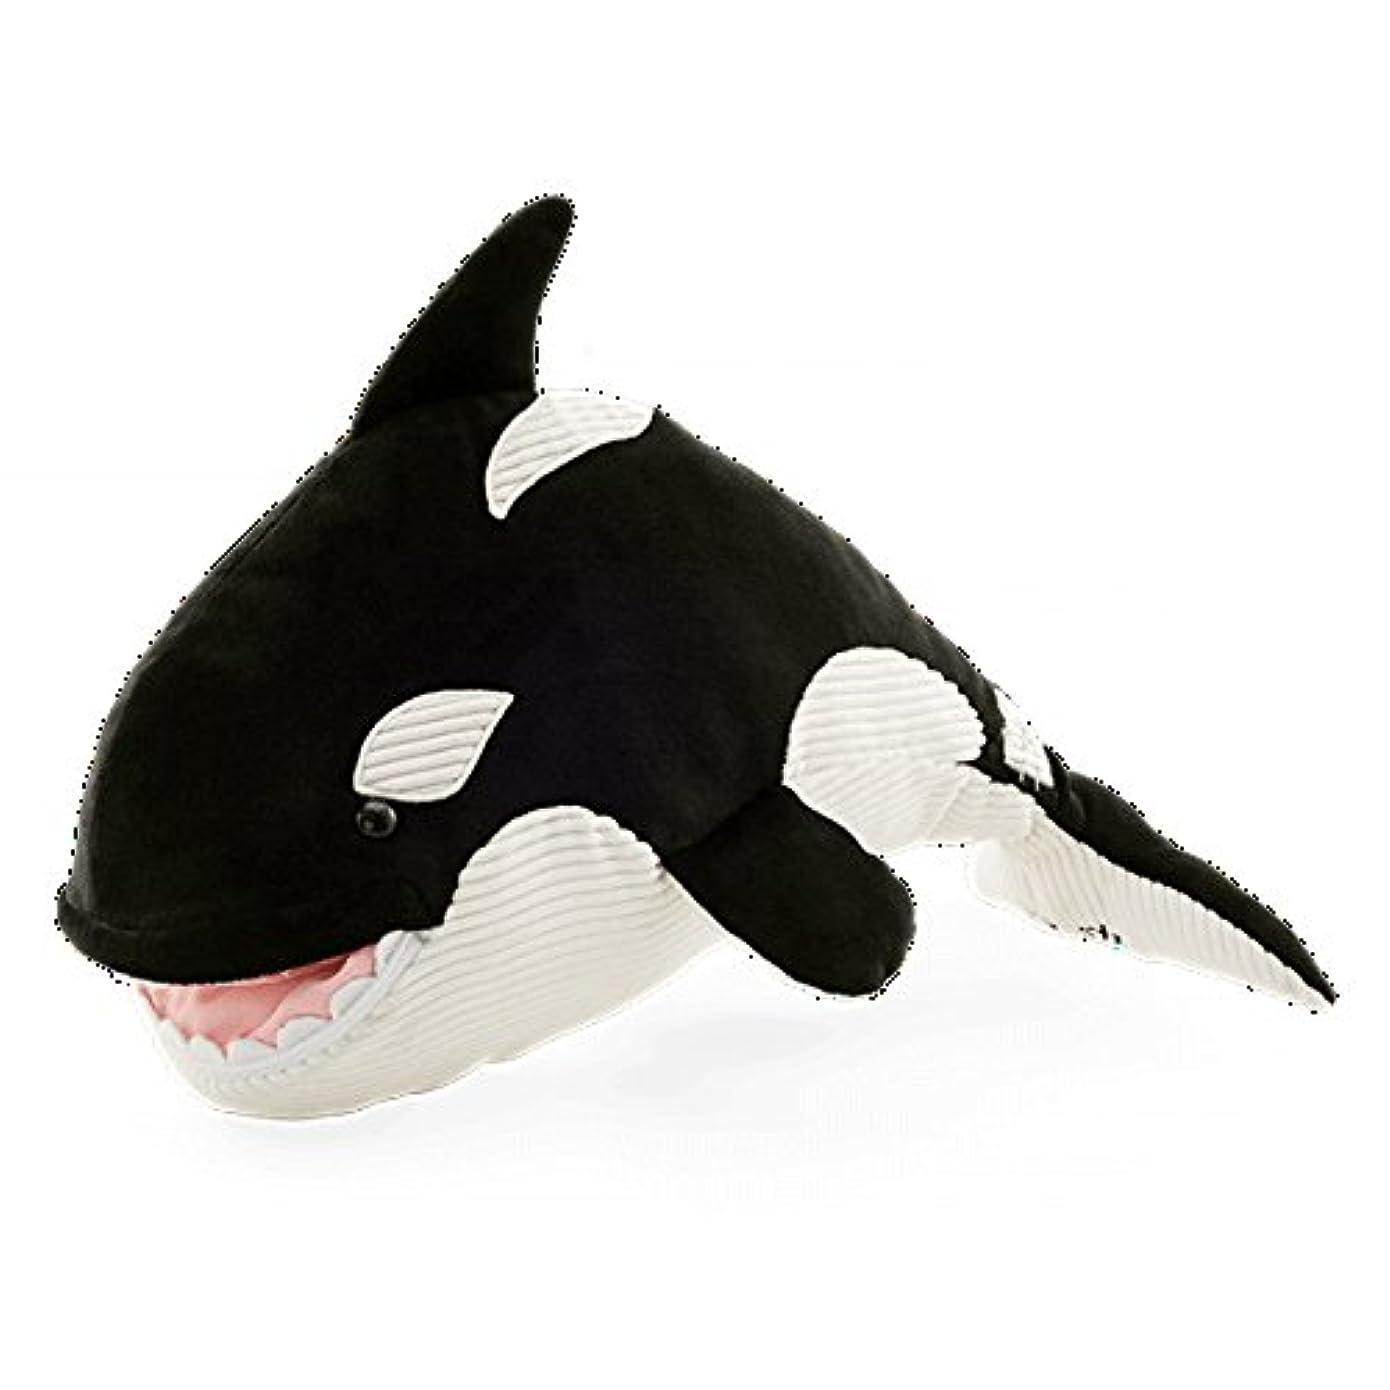 紳士気取りの、きざなシーボードヨーロッパScentsy香りBuddy Ory the Orca Whale